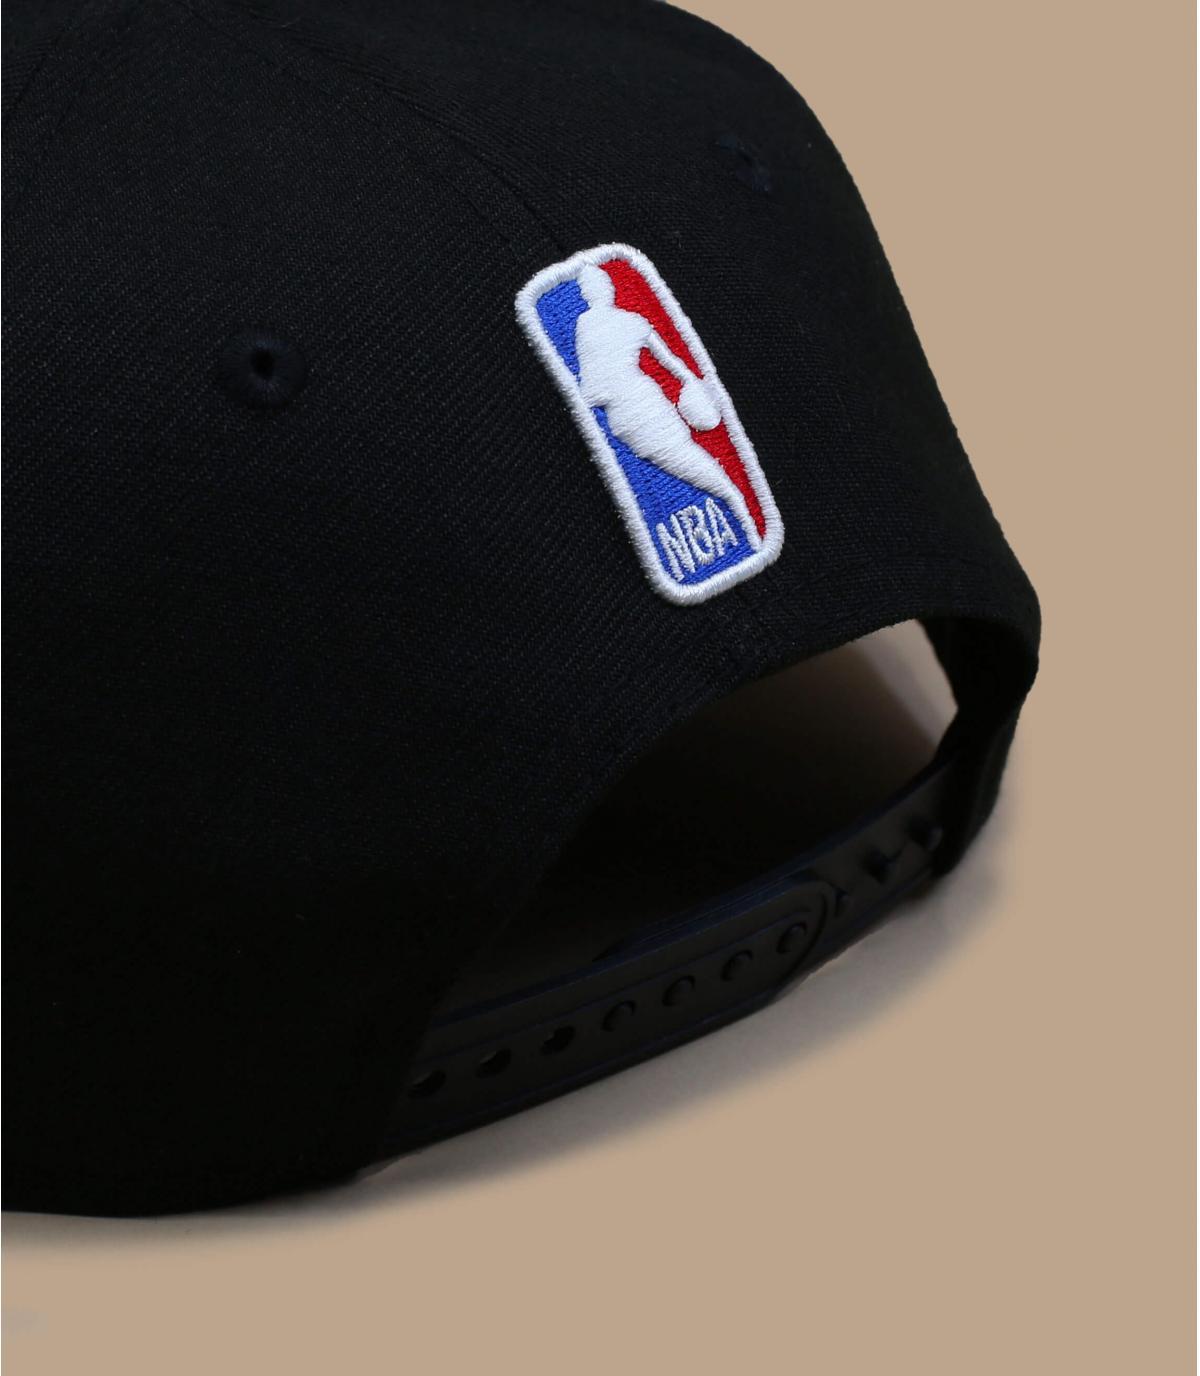 Detalles Snapback NBA Draft Nets 950 imagen 4